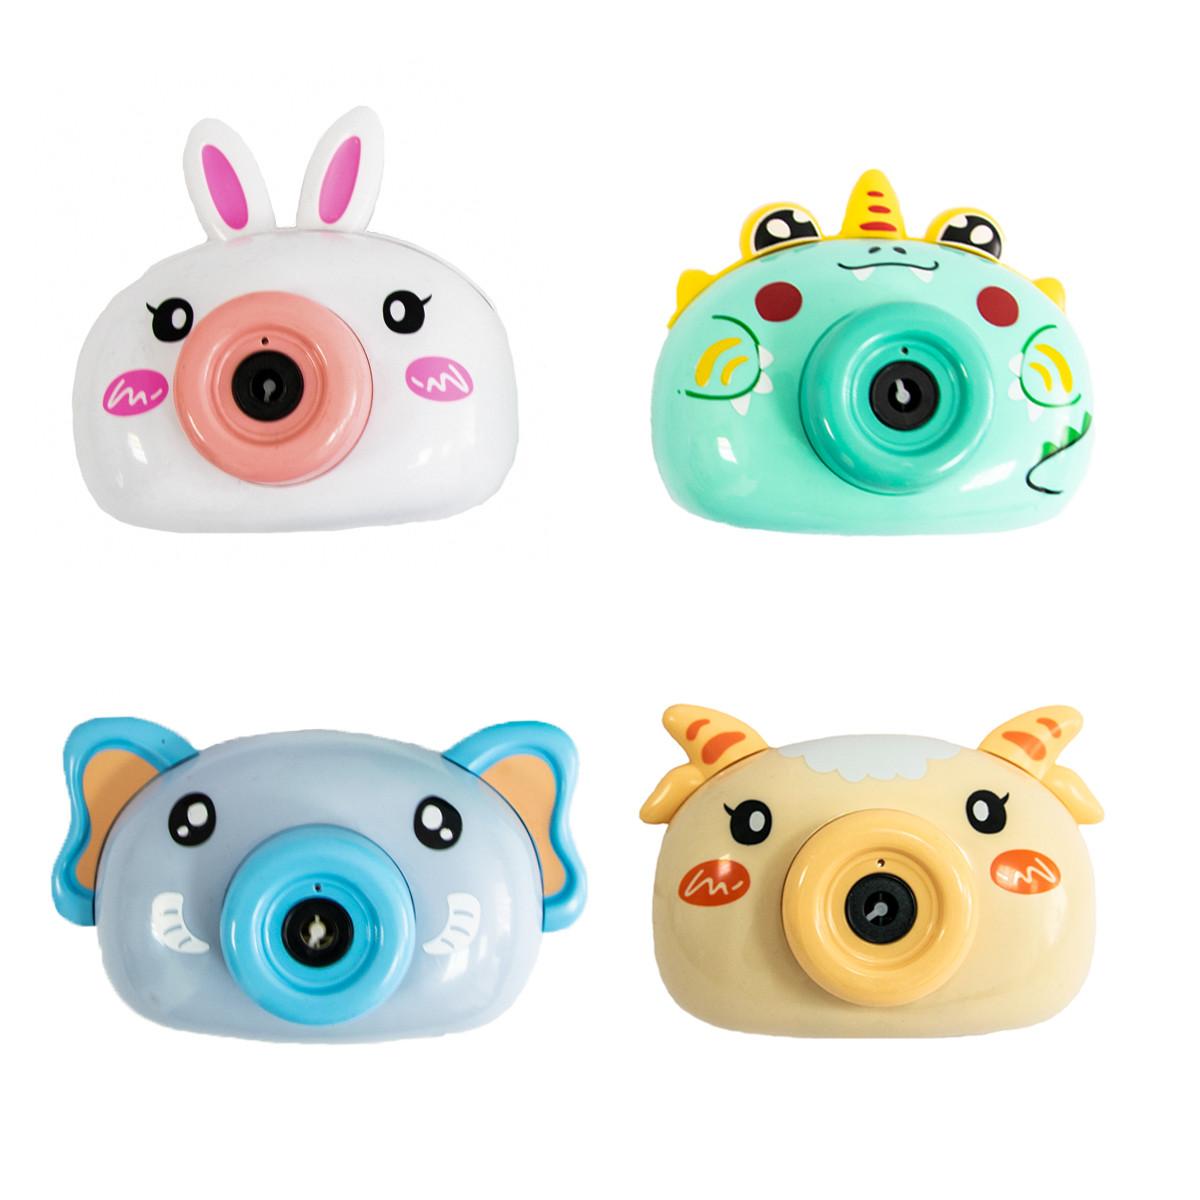 Генератор мильних бульбашок - дитячий фотоапарат Bubble Camera Бірюзовий динозавр | бульбашкомет